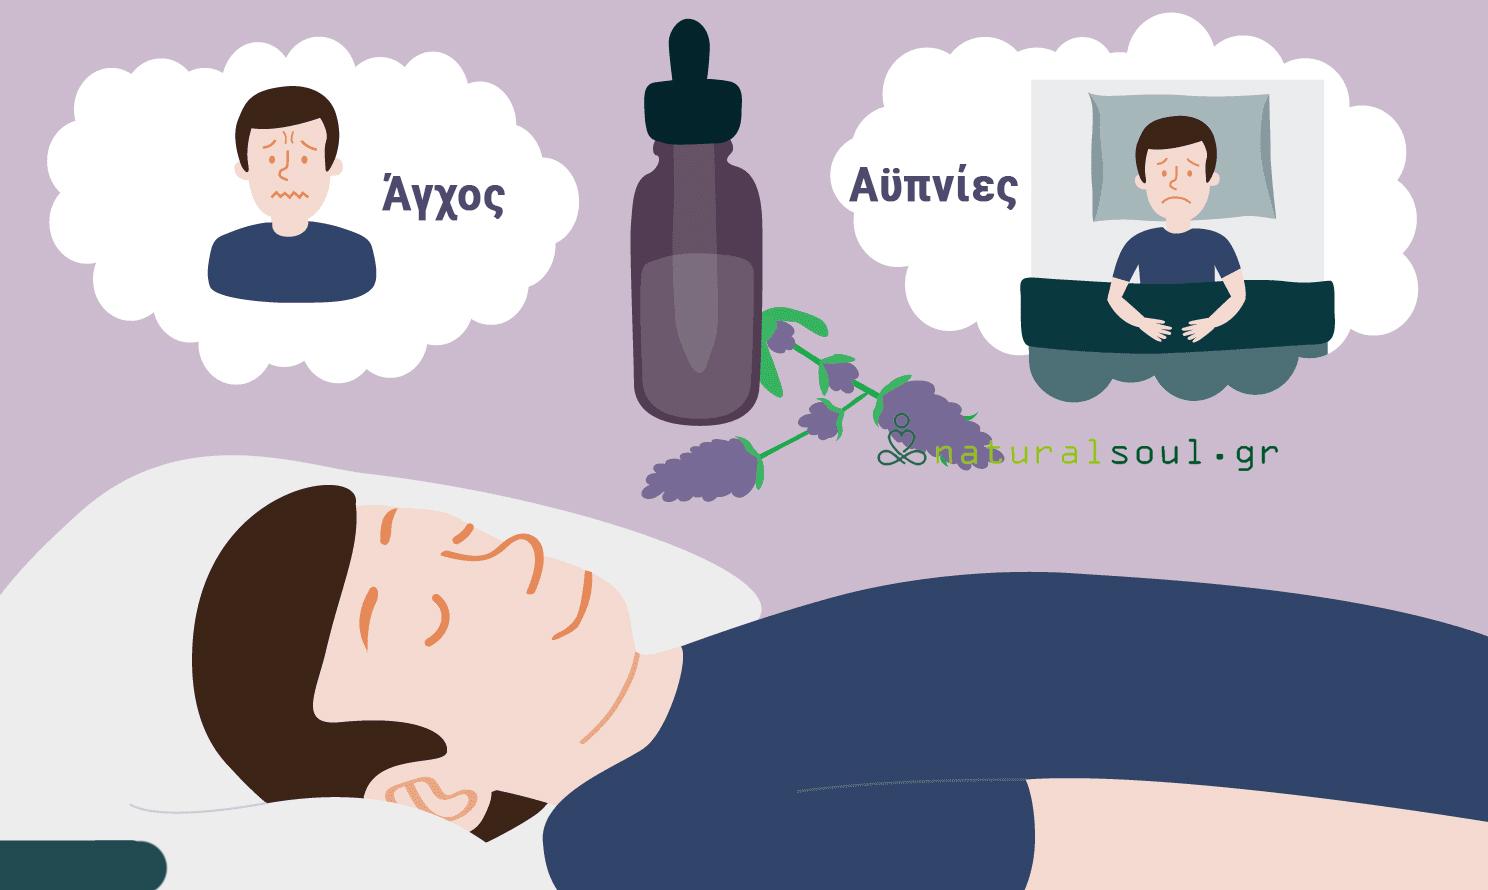 Αιθέριο Έλαιο Λεβάντας: 10 Οφέλη του για Μικρά και Μεγάλα Προβλήματα Υγείας!